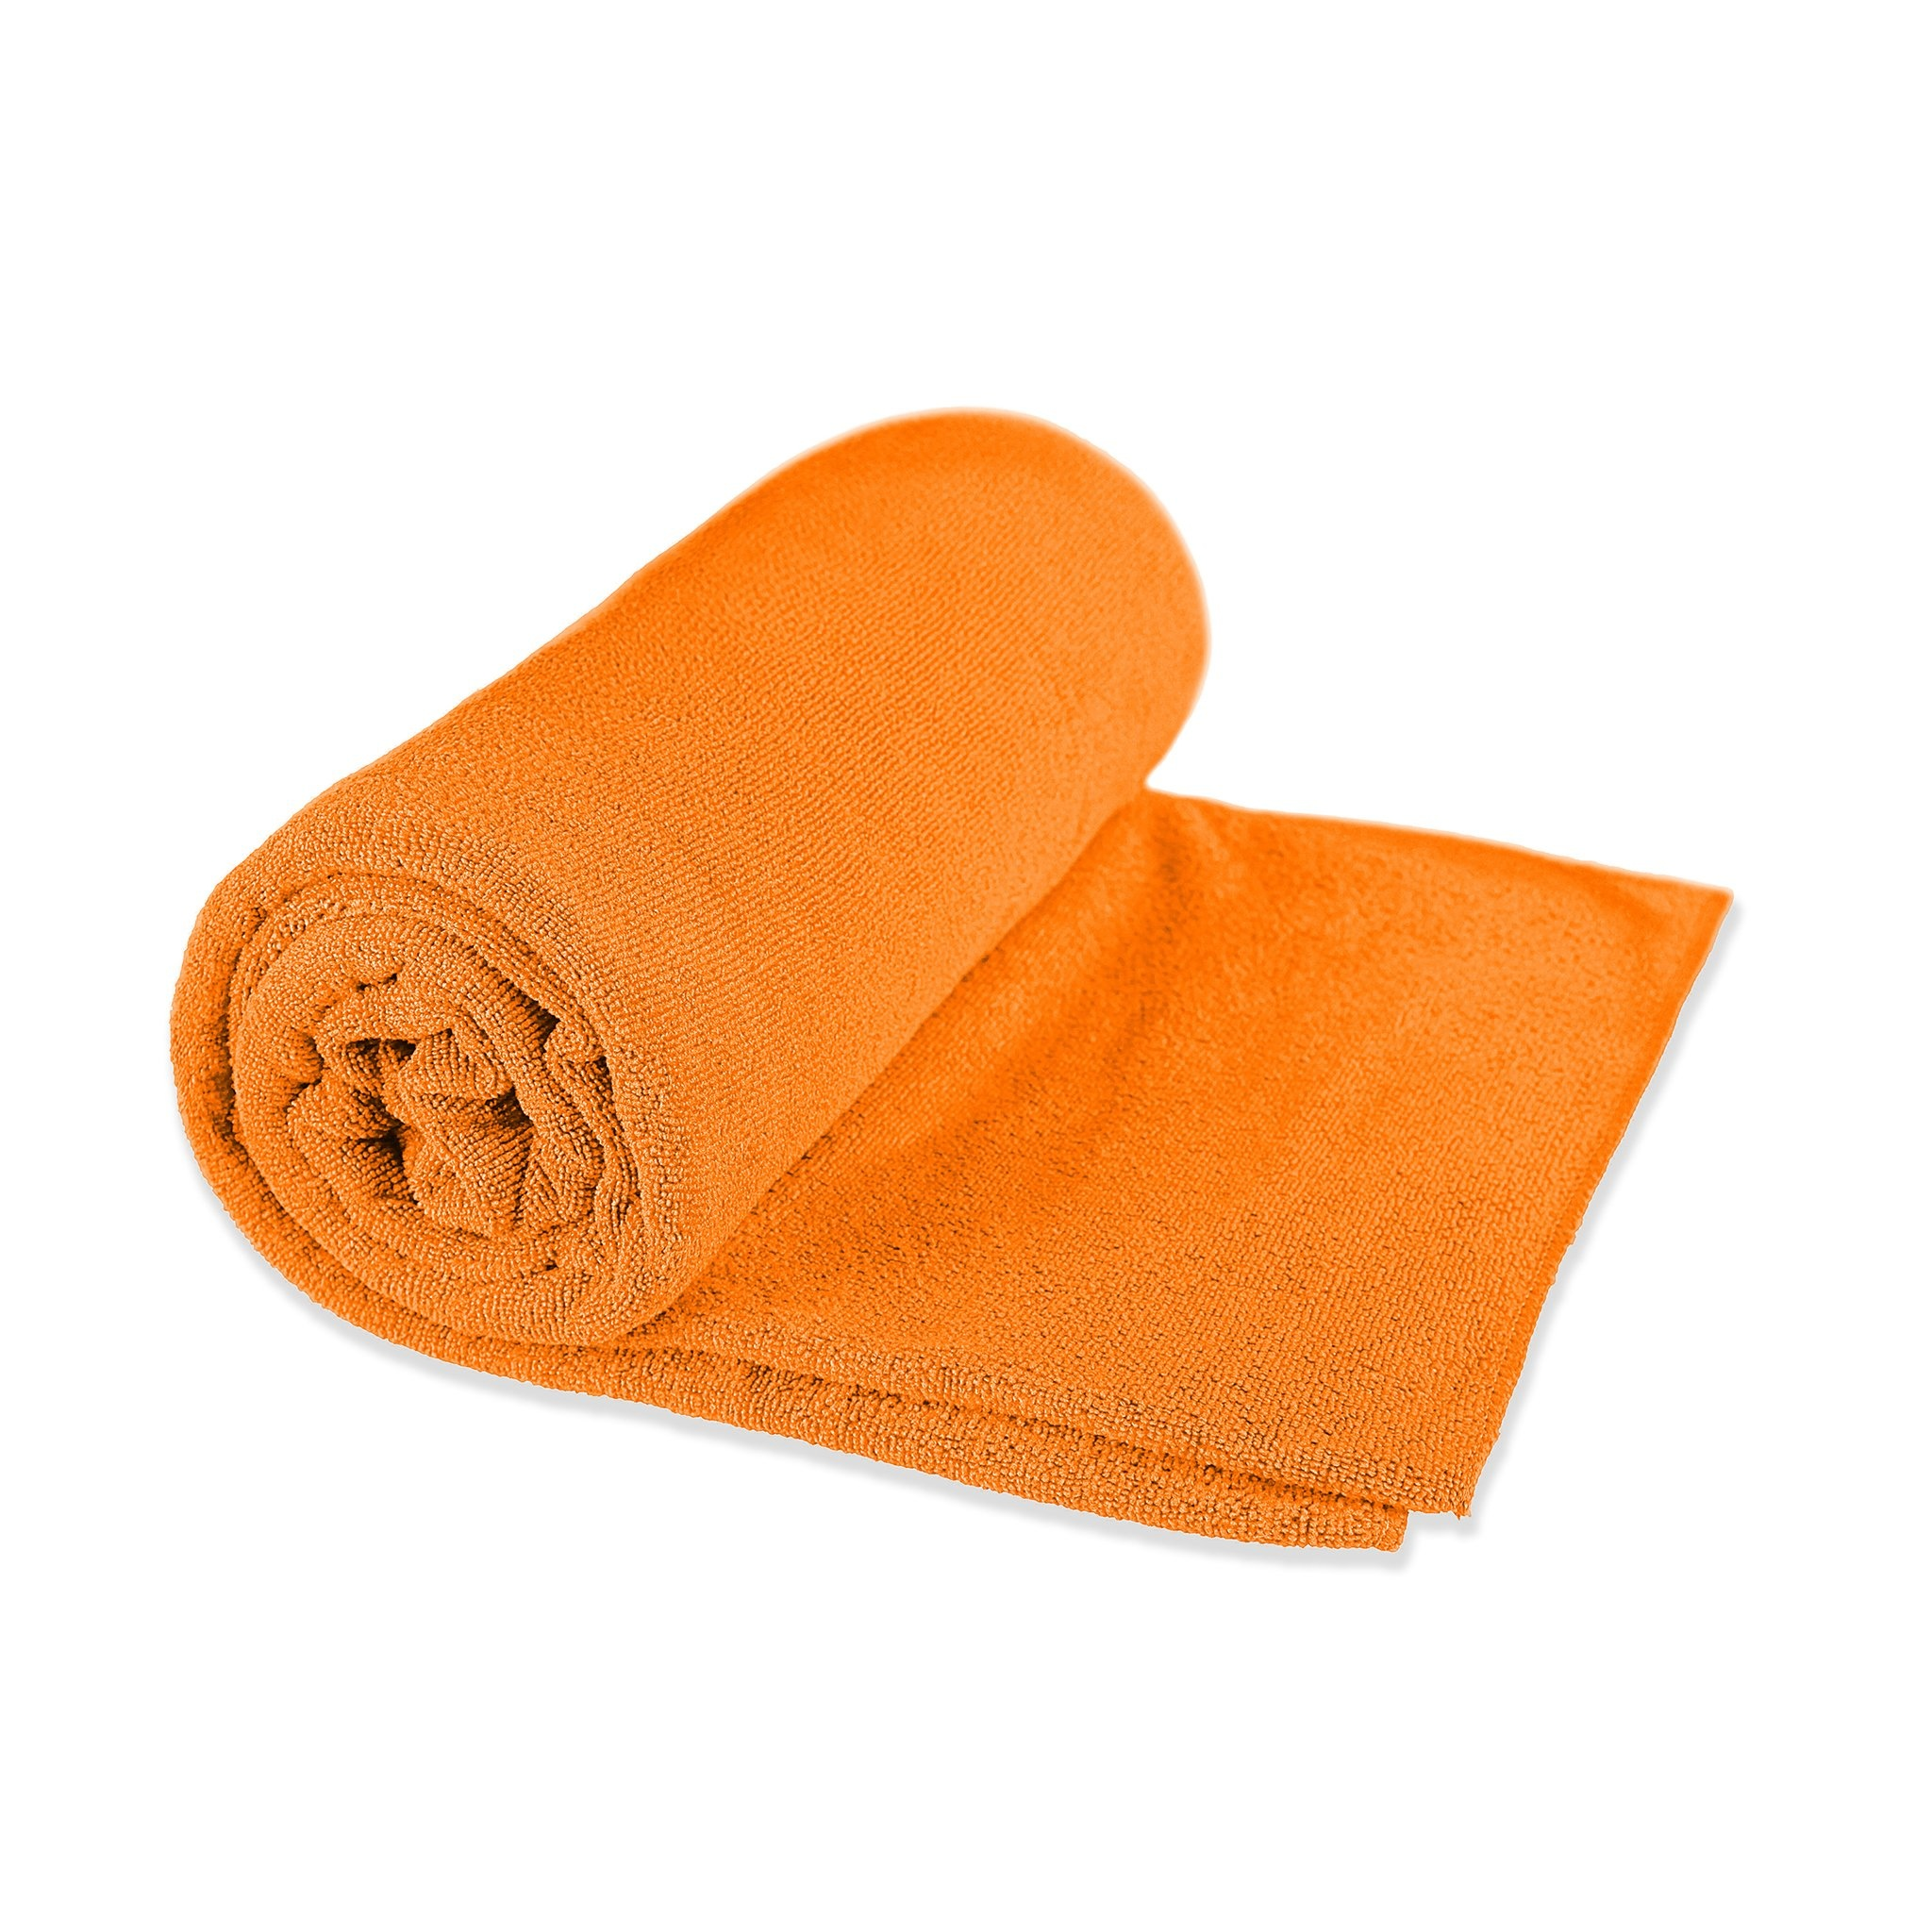 Tek Towel, Small-4